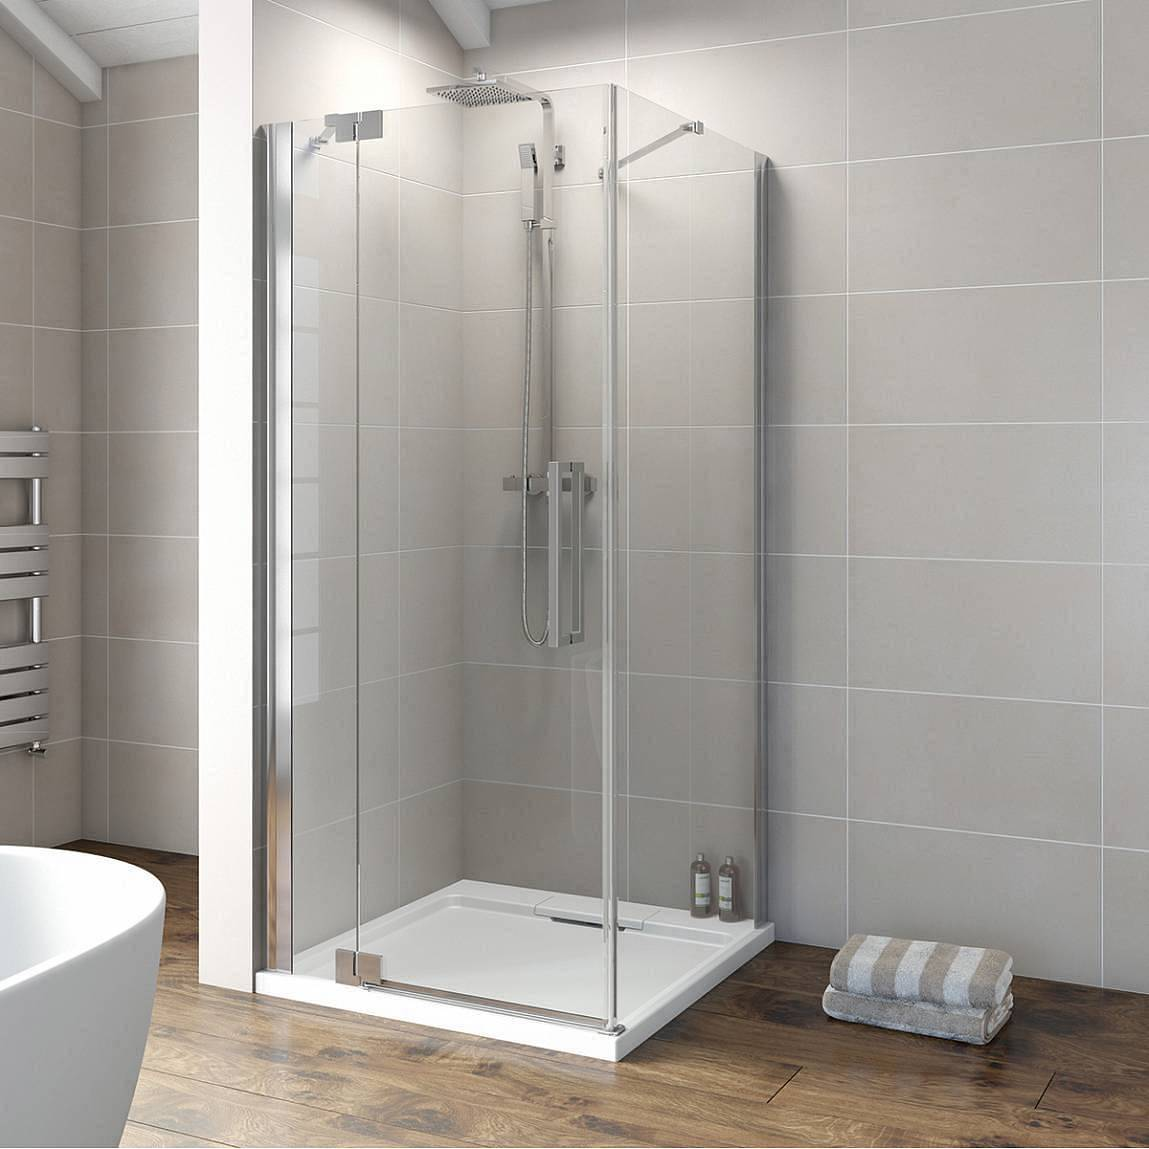 Image of V8+ Frameless Hinged Shower Enclosure 900 LH